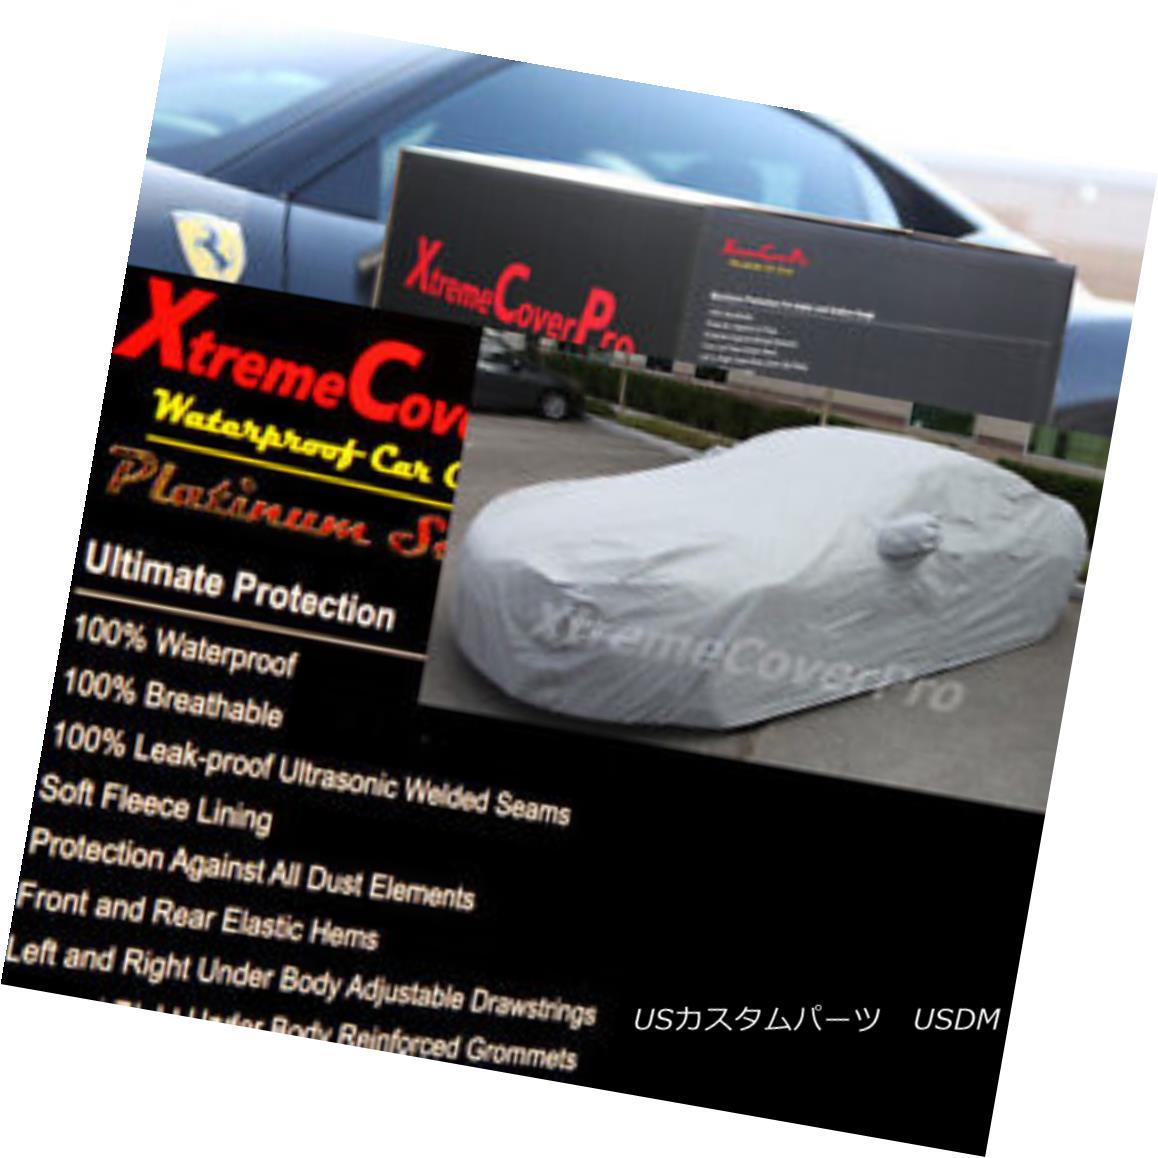 カーカバー 2008 2009 2010 2011 Porsche 911 GT3 Waterproof Car Cover w/MirrorPocket 2008年2009年2010年2011年ポルシェ911 GT3防水カーカバー(ミラーポケット付)